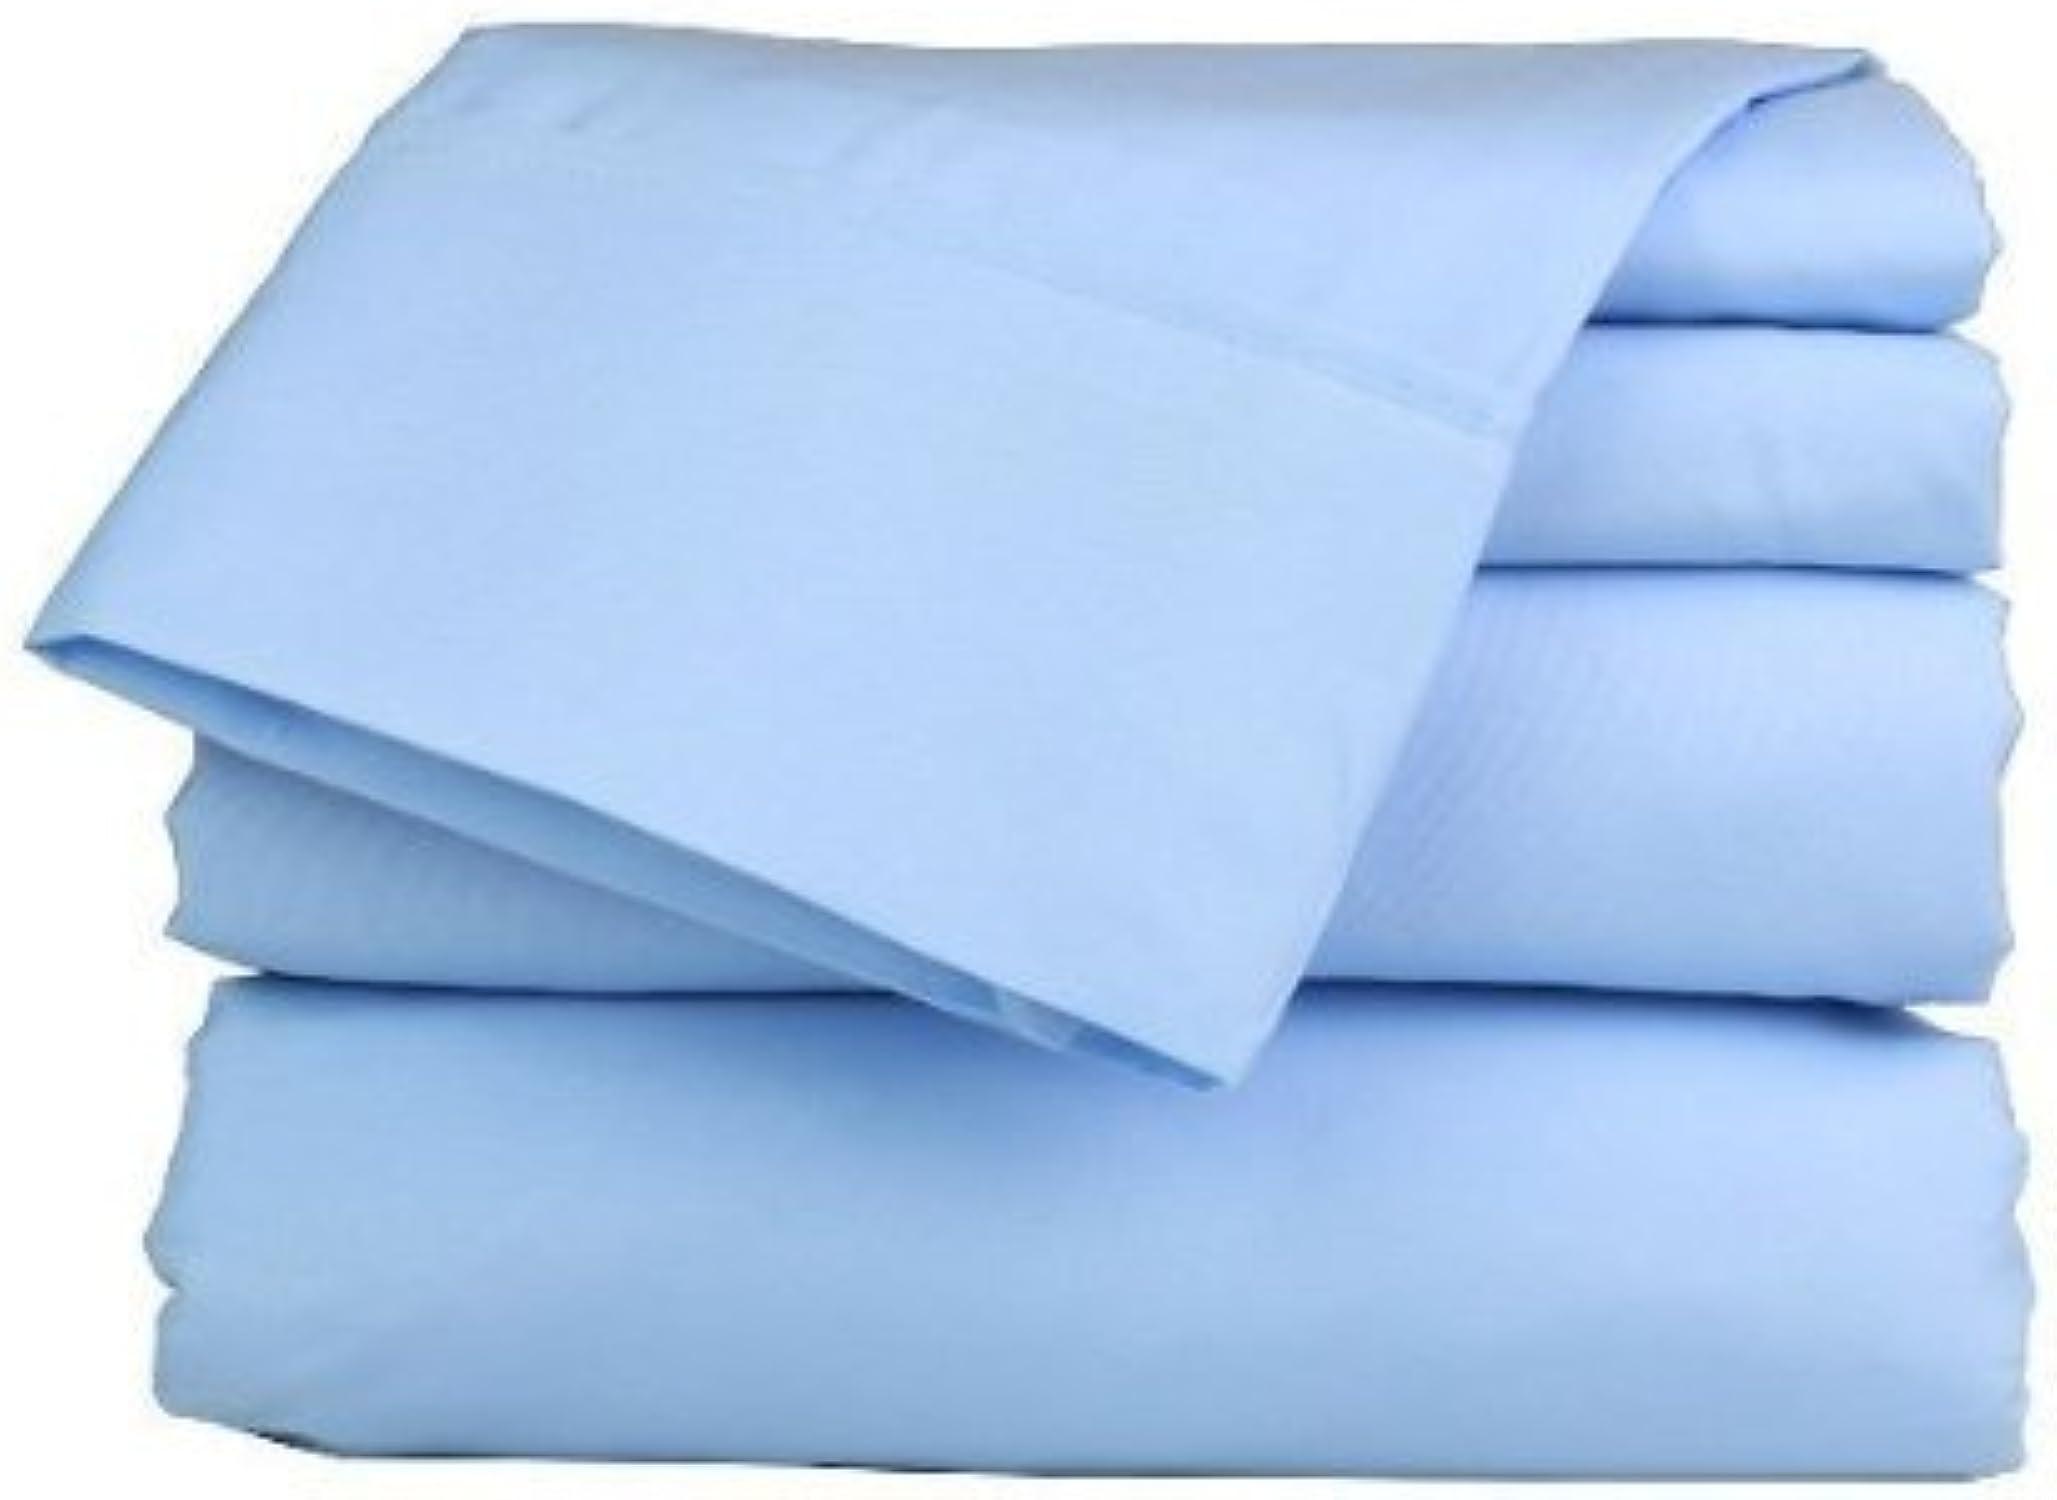 Dreamz Bedding Italien supérieure 450-thread-count Coton égypcravaten de lit 66cm Poche Profonde suppléHommestaire Euro Double IKEA, Bleu Clair Bleu Ciel Solide, 450tc Parure de lit 100% Coton